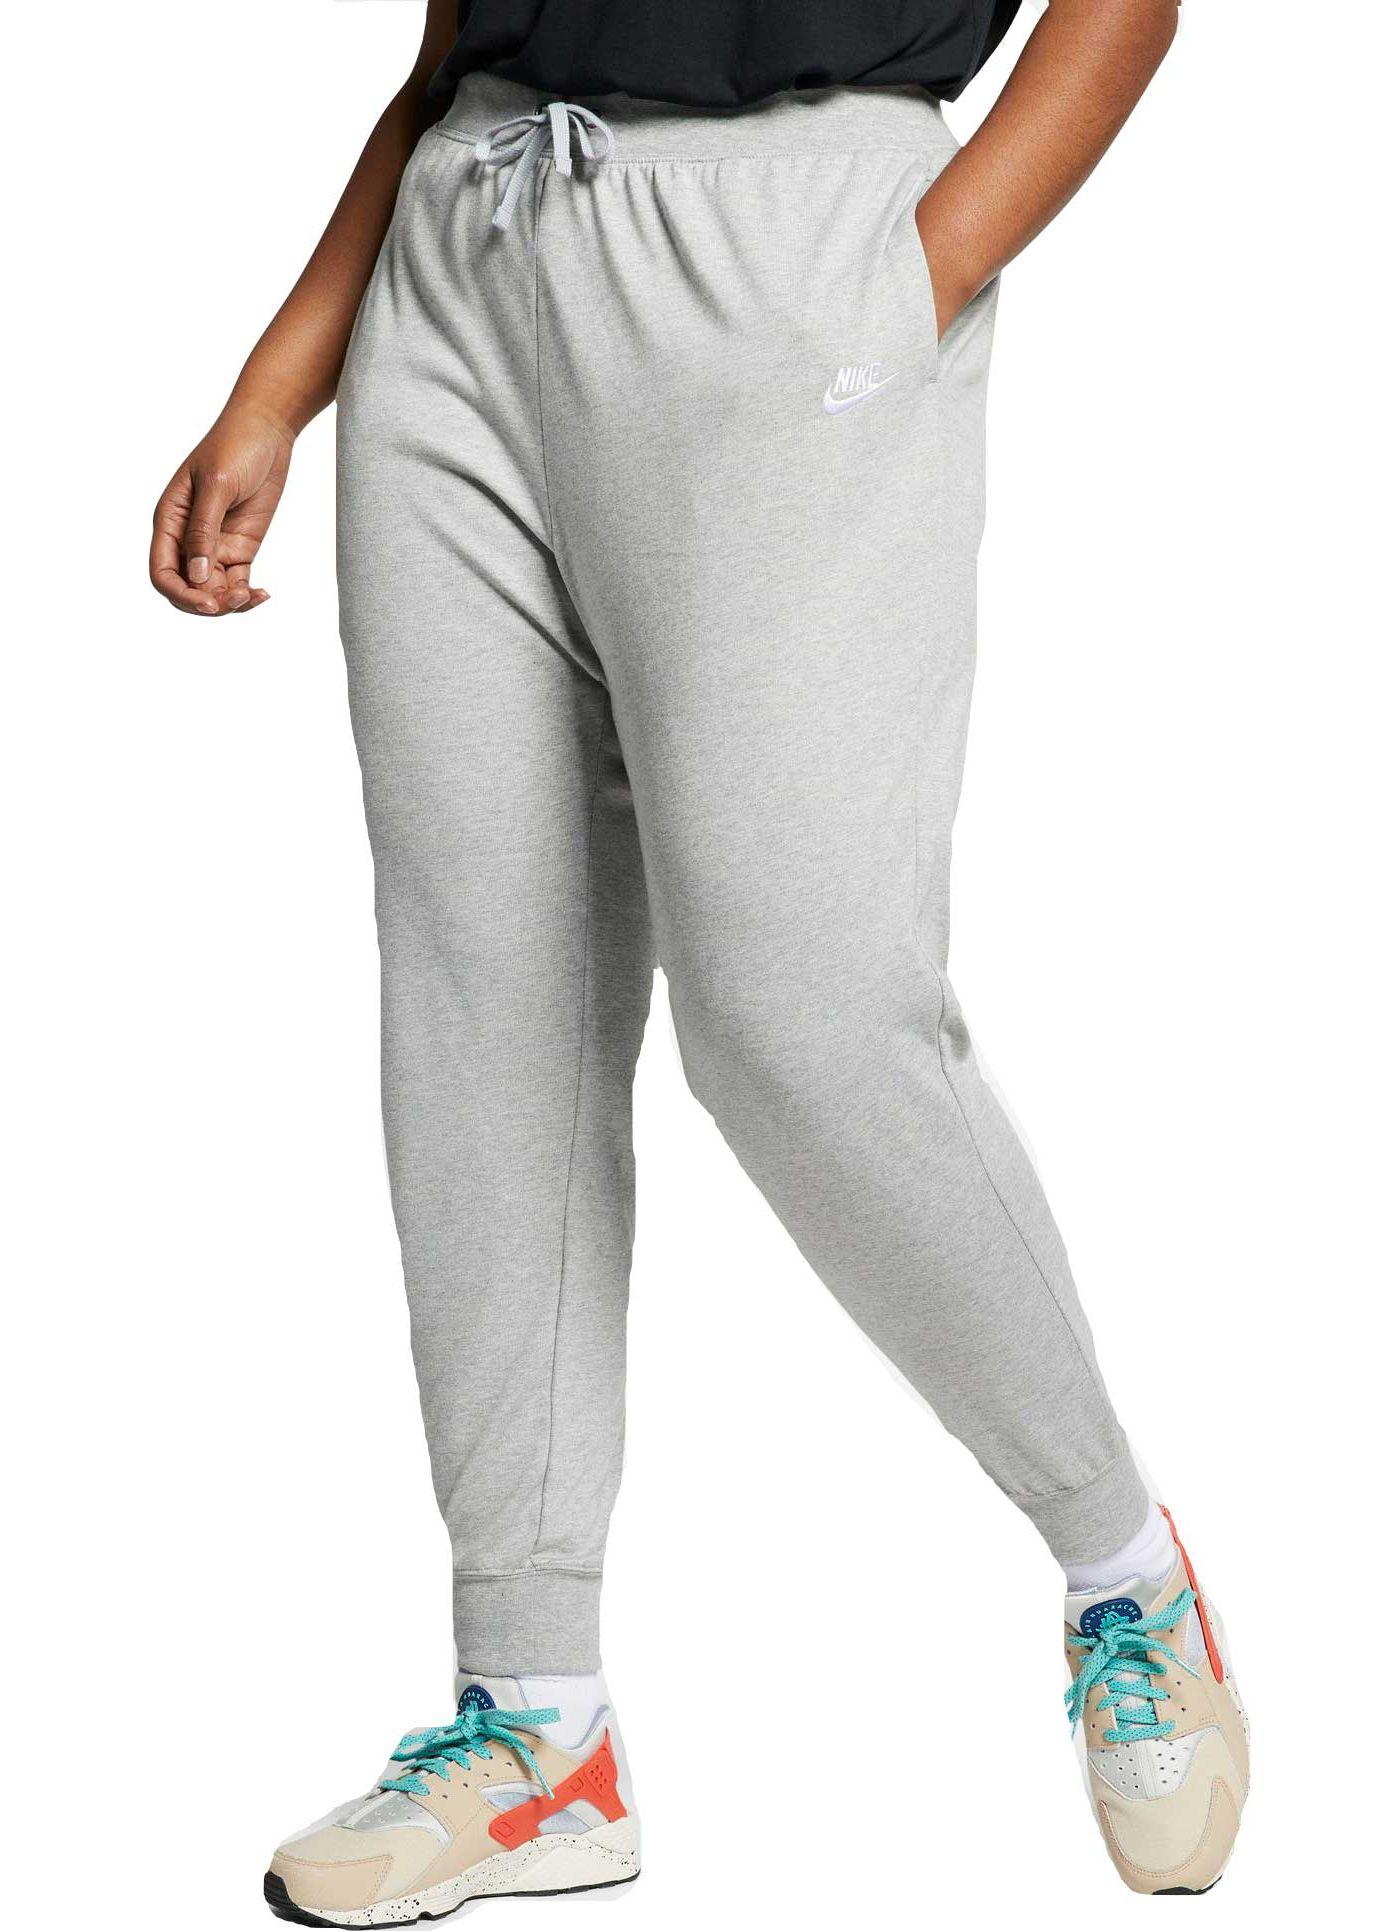 Nike Women's Plus Size Sportswear Jersey Pants